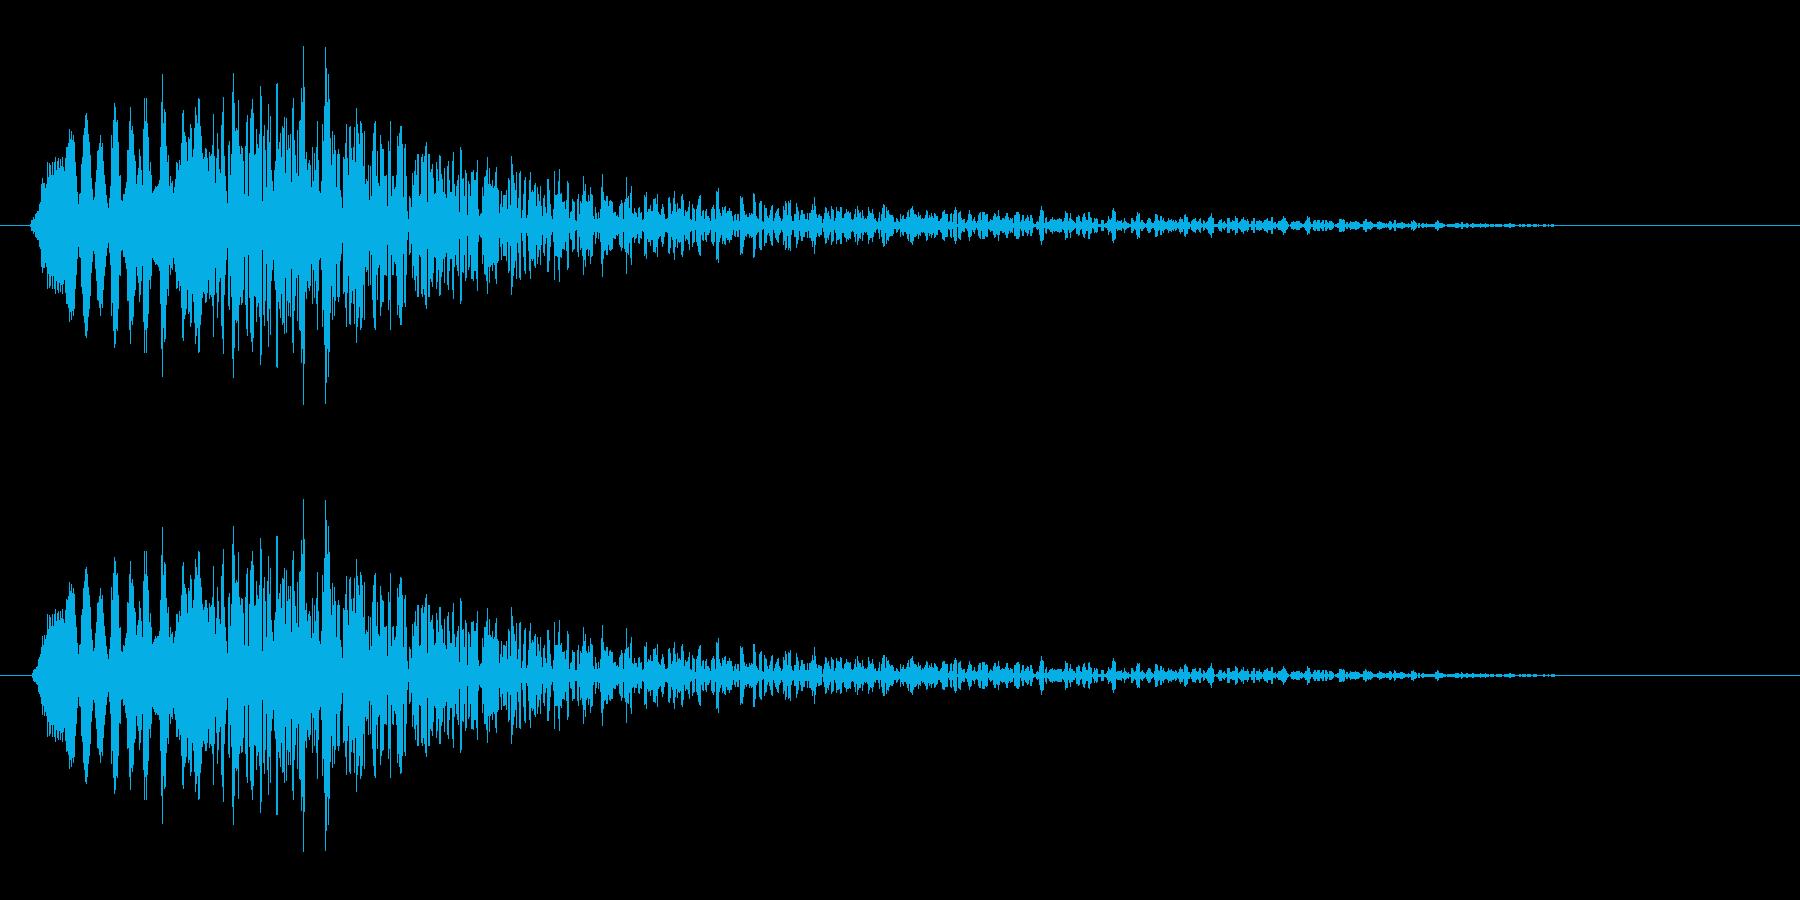 何かしらの警告を表すクリック音の再生済みの波形